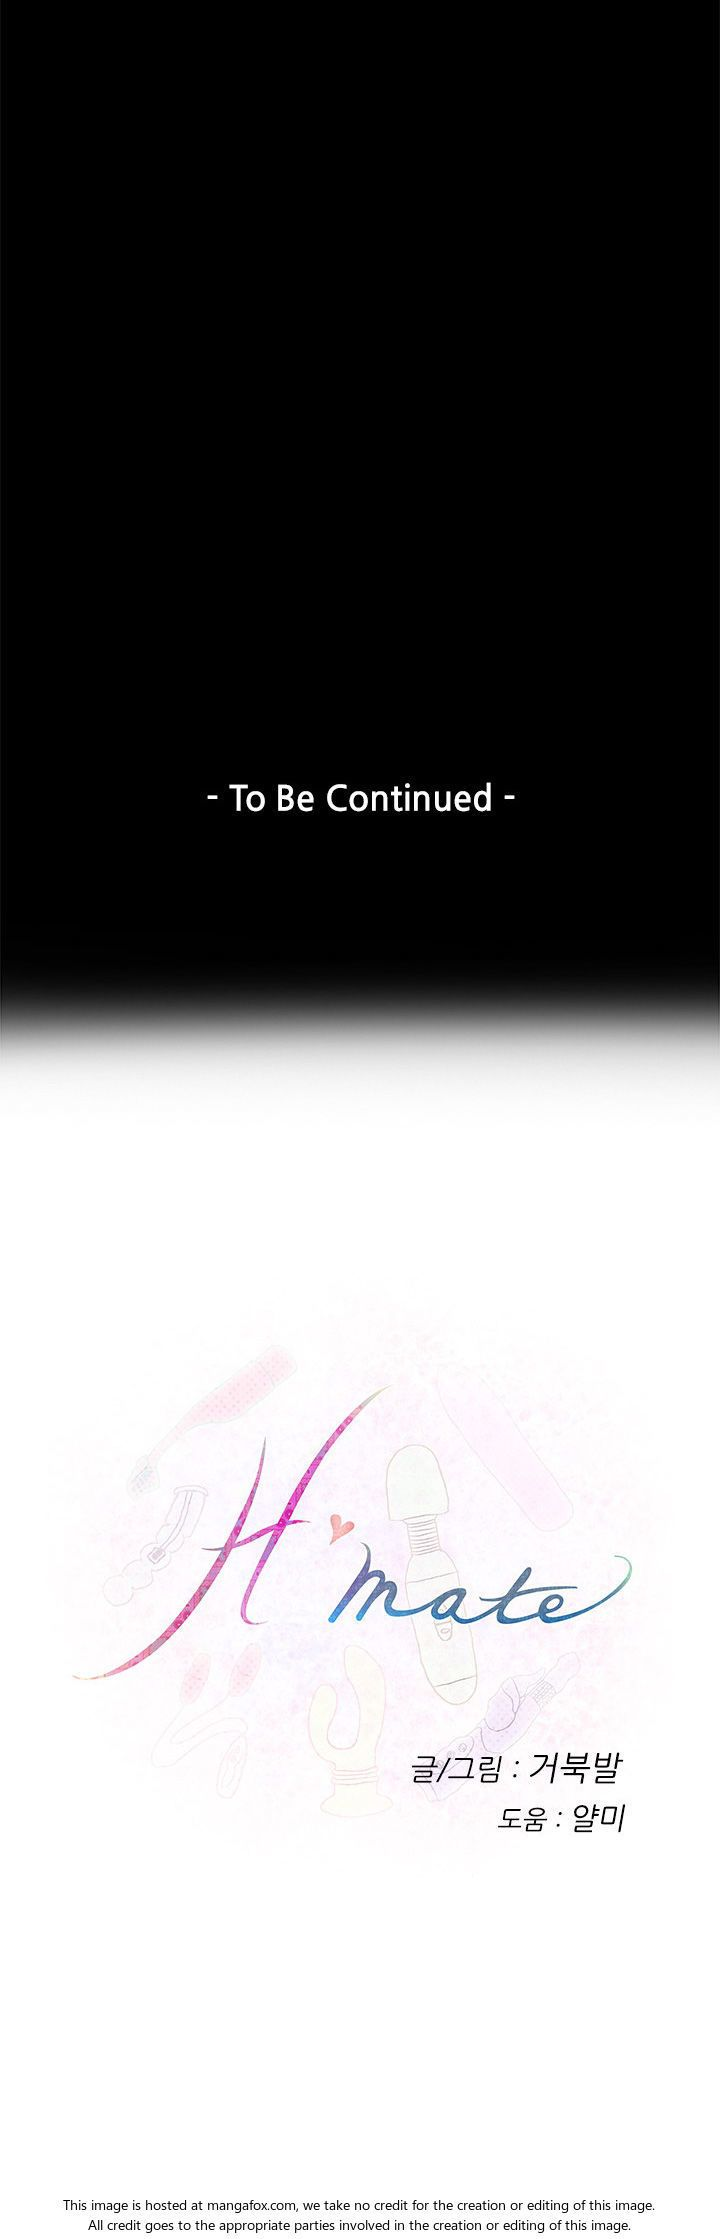 (YoManga) H-Mate - Chapters 31-45 () - part 3